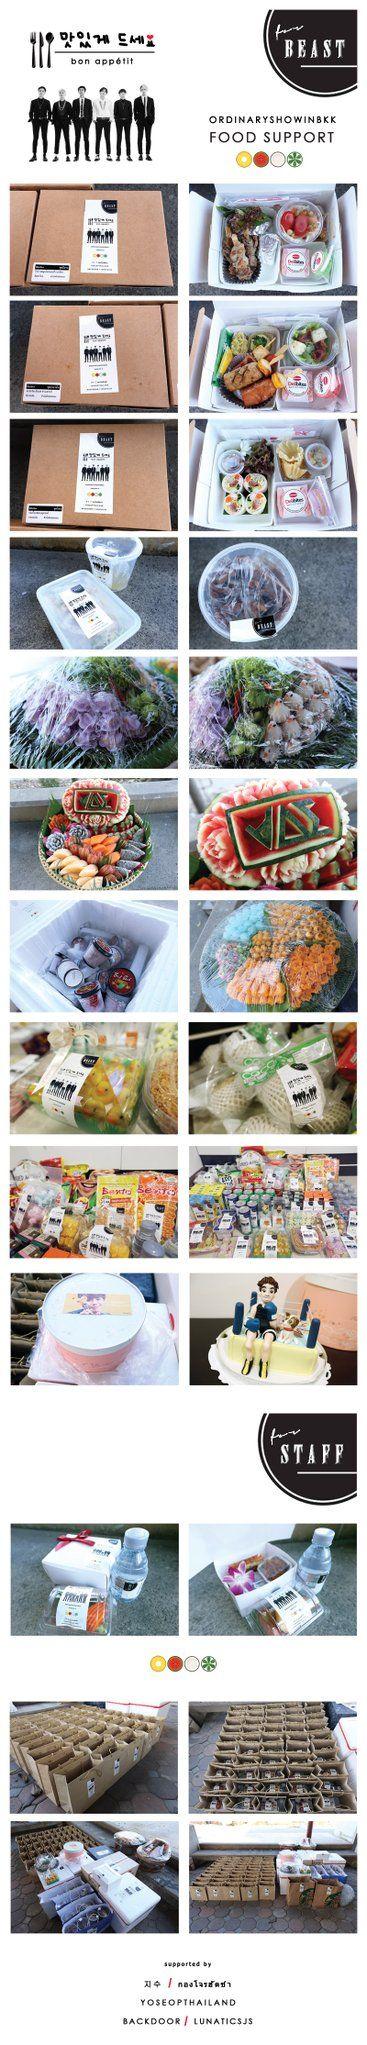 """กองโจรฮัดช่า on Twitter: """"151227 #ORDINARYSHOWINBKK FOOD SUPPORT https://t.co/ZKgNmvbZ9r https://t.co/az99LGkCNt"""""""